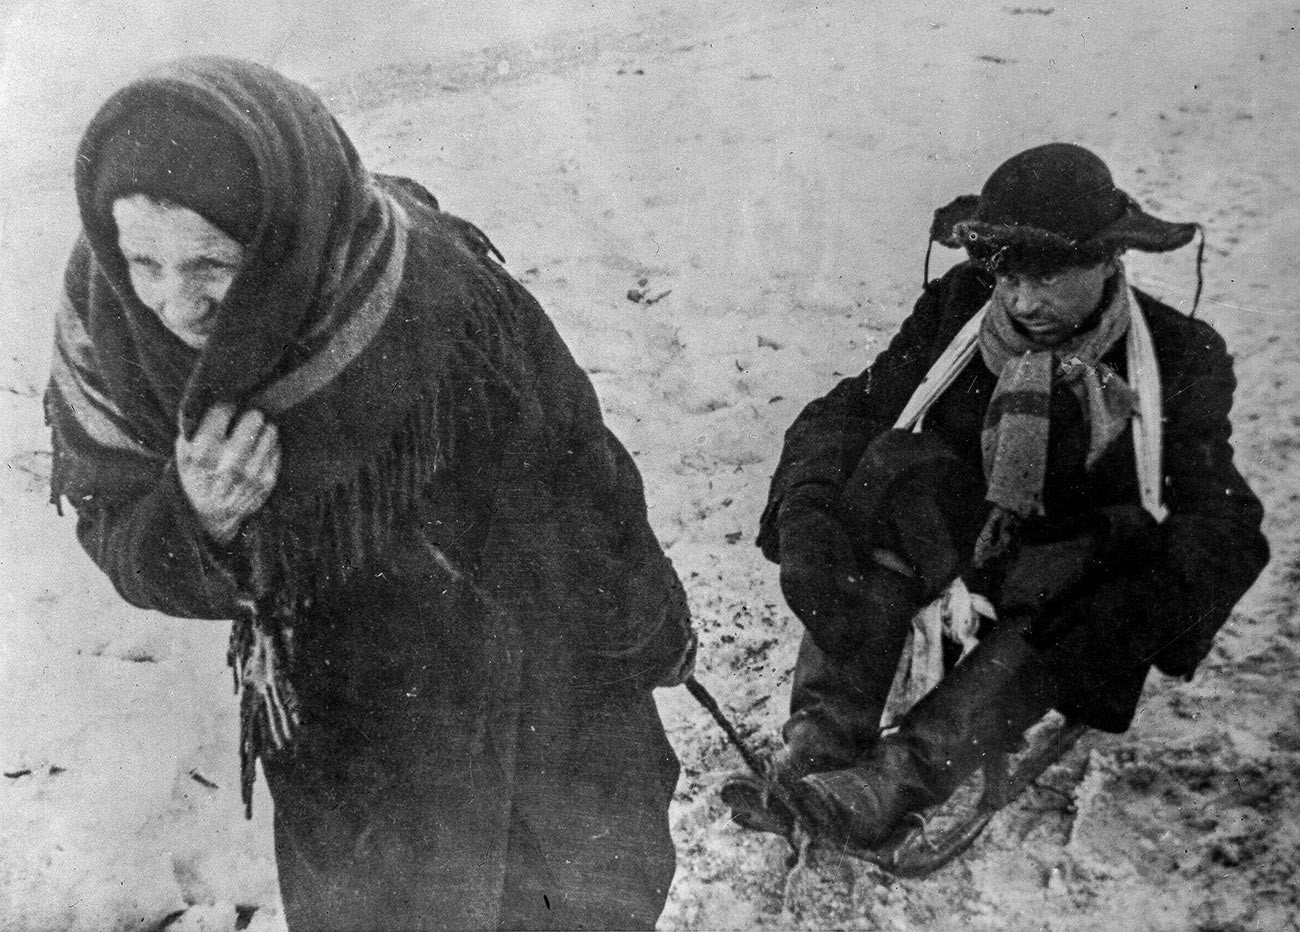 Блокадата на Ленинград (8 септември 1941 – 27 јануари 1944). Жена го влече на санка мажот кој е исцрпен од глад. Голема татковинска војна (1941-1945).